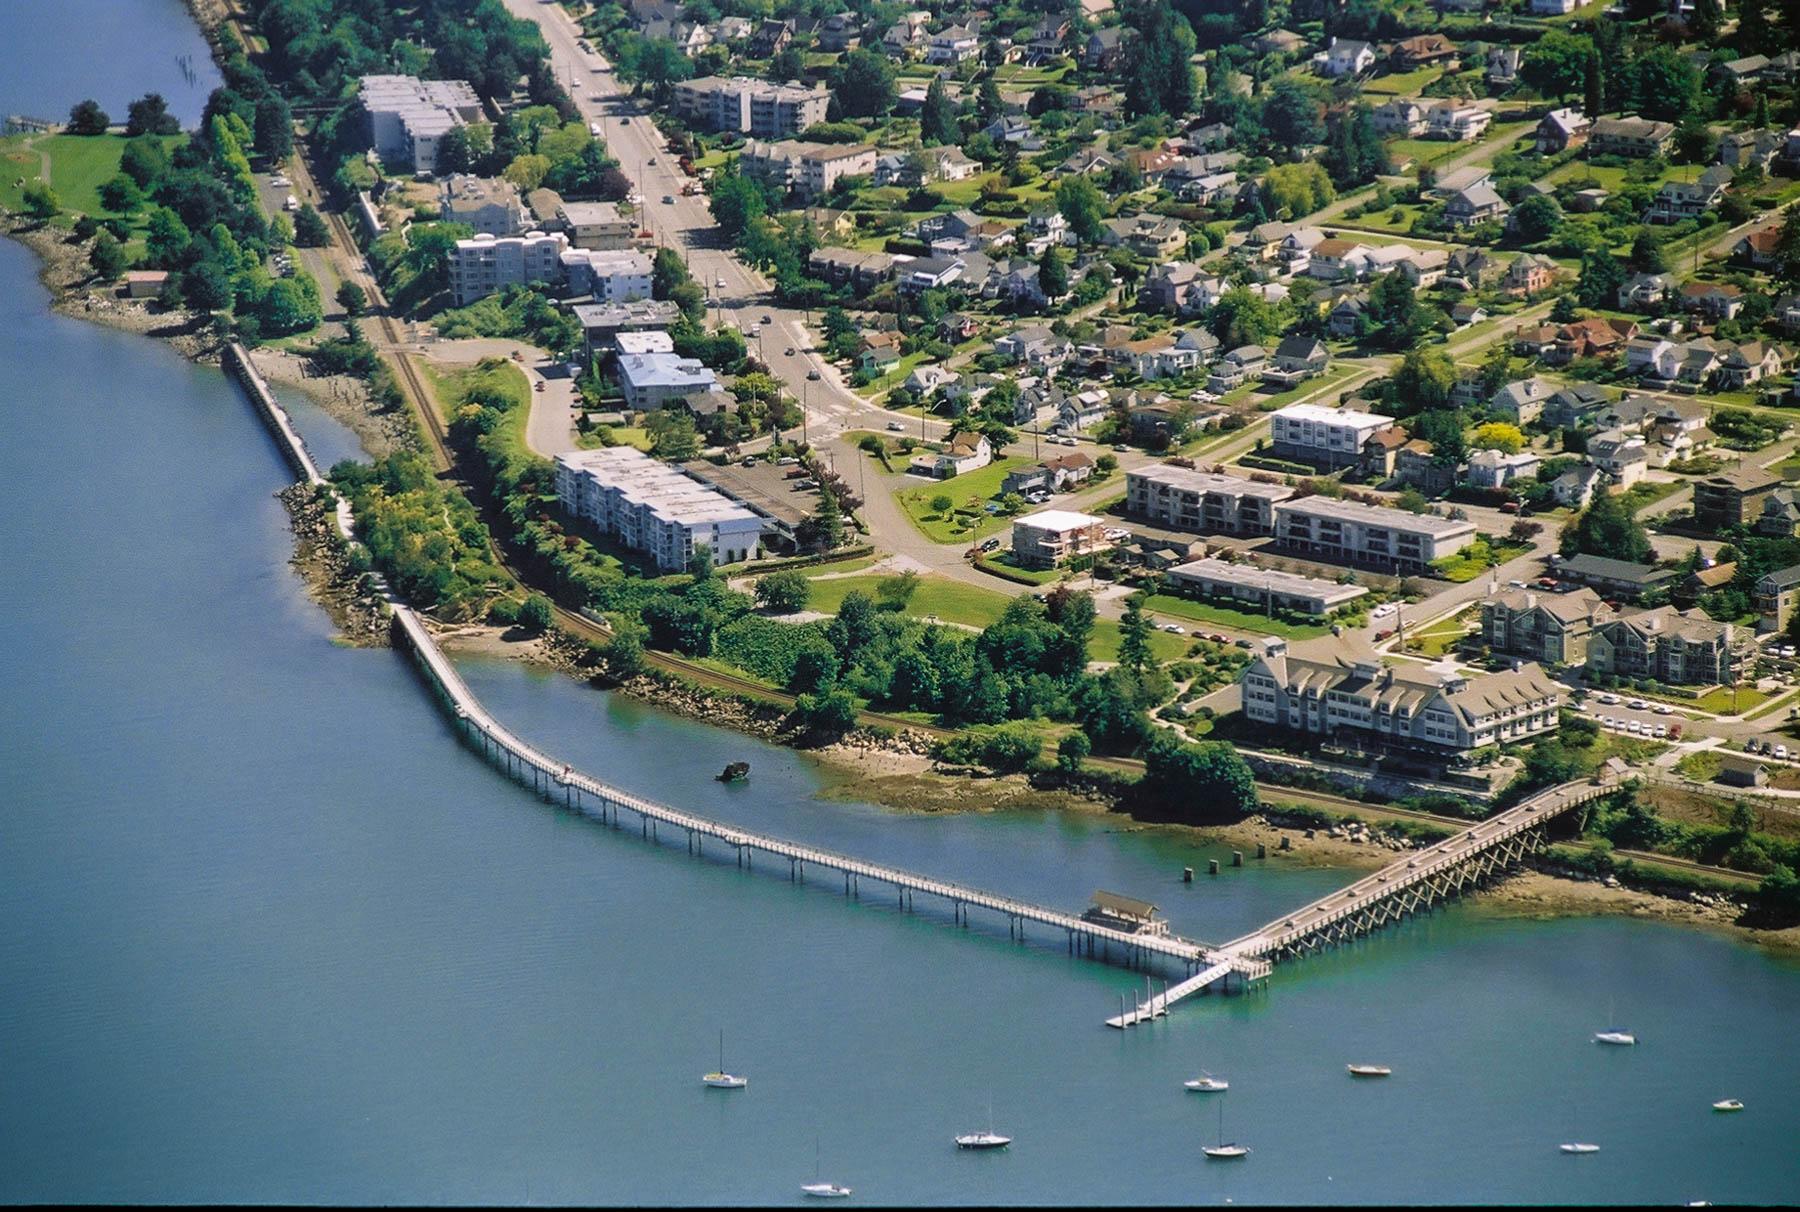 Birdseye view of Taylor Avenue Dock